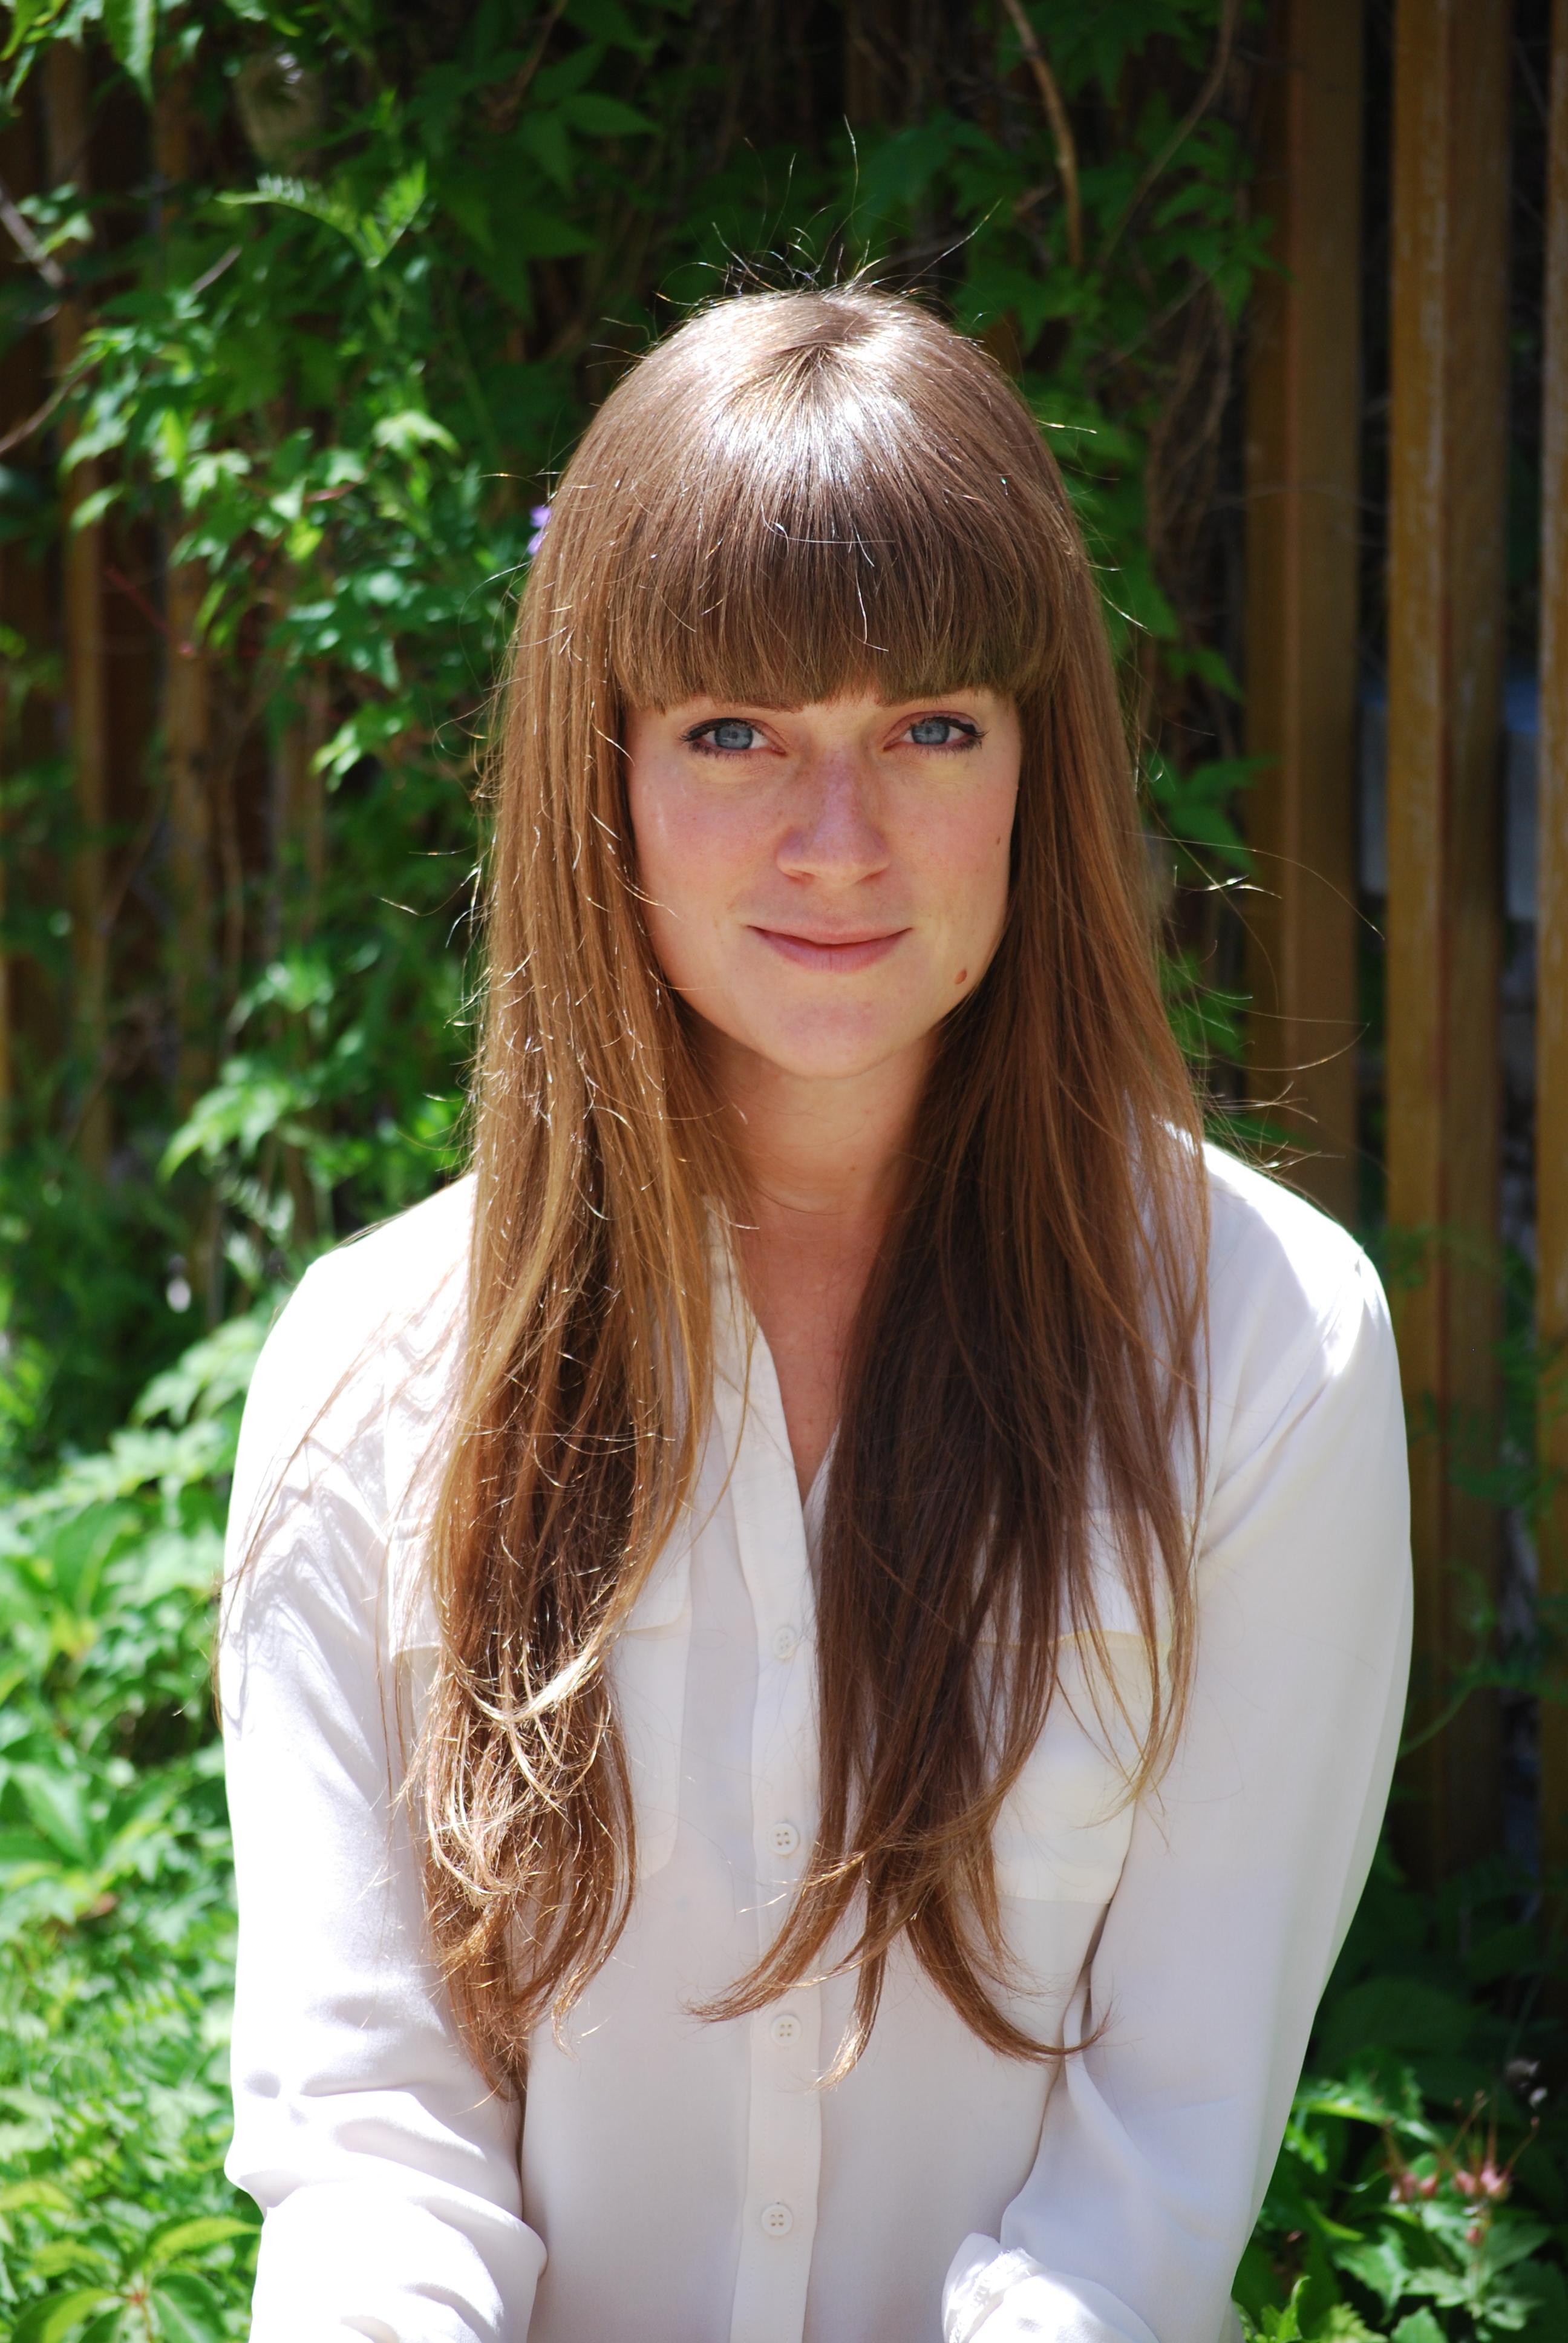 Professor Carolyn Côté-Lussier